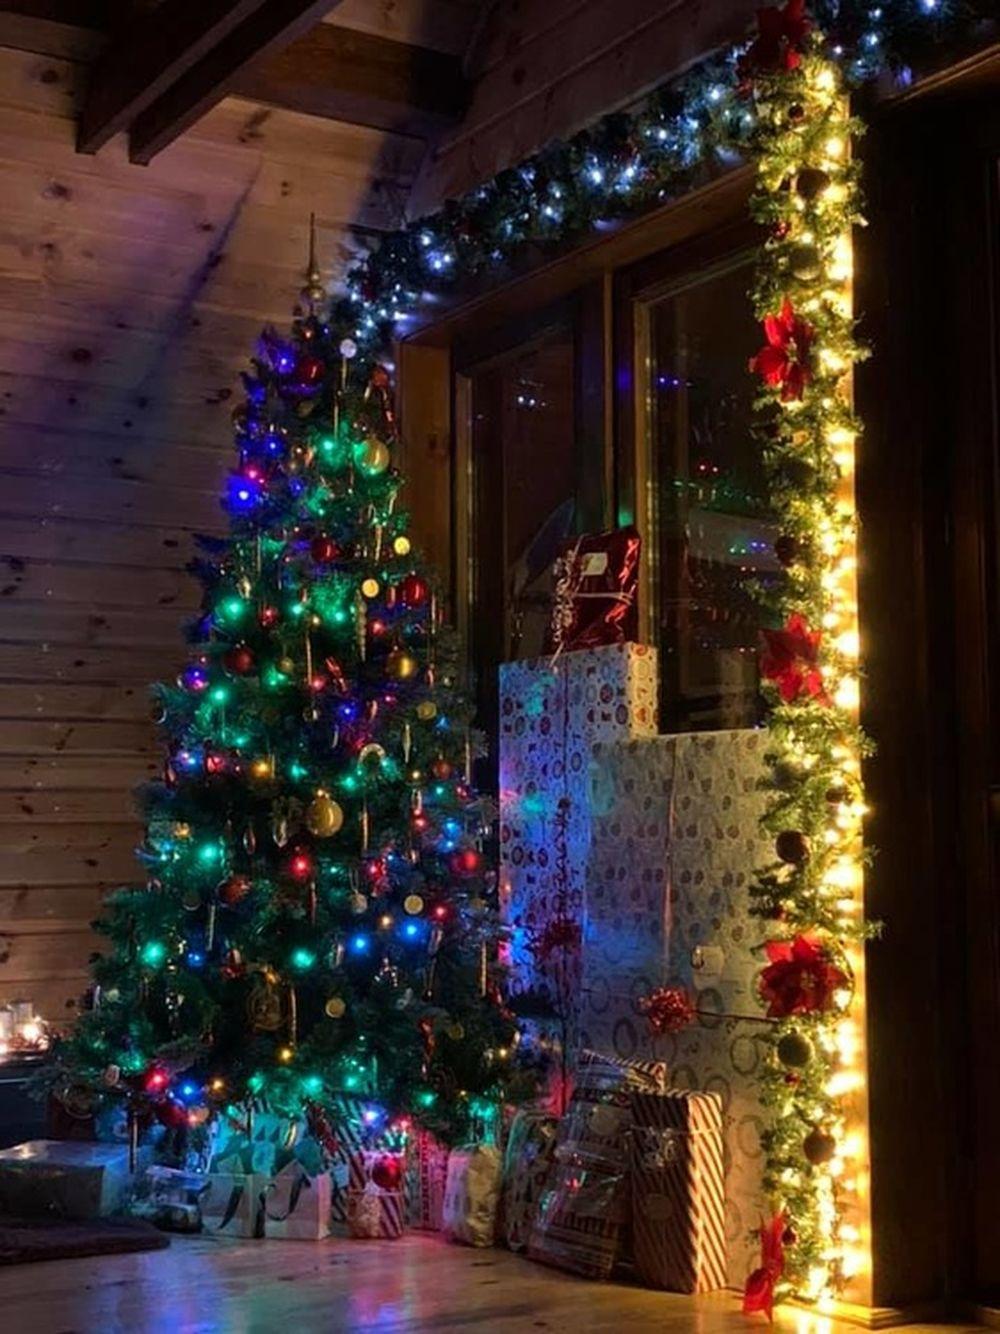 FOTO: Vianočné stromčeky v Žiline - výber fotografií našich čitateľov, foto 27